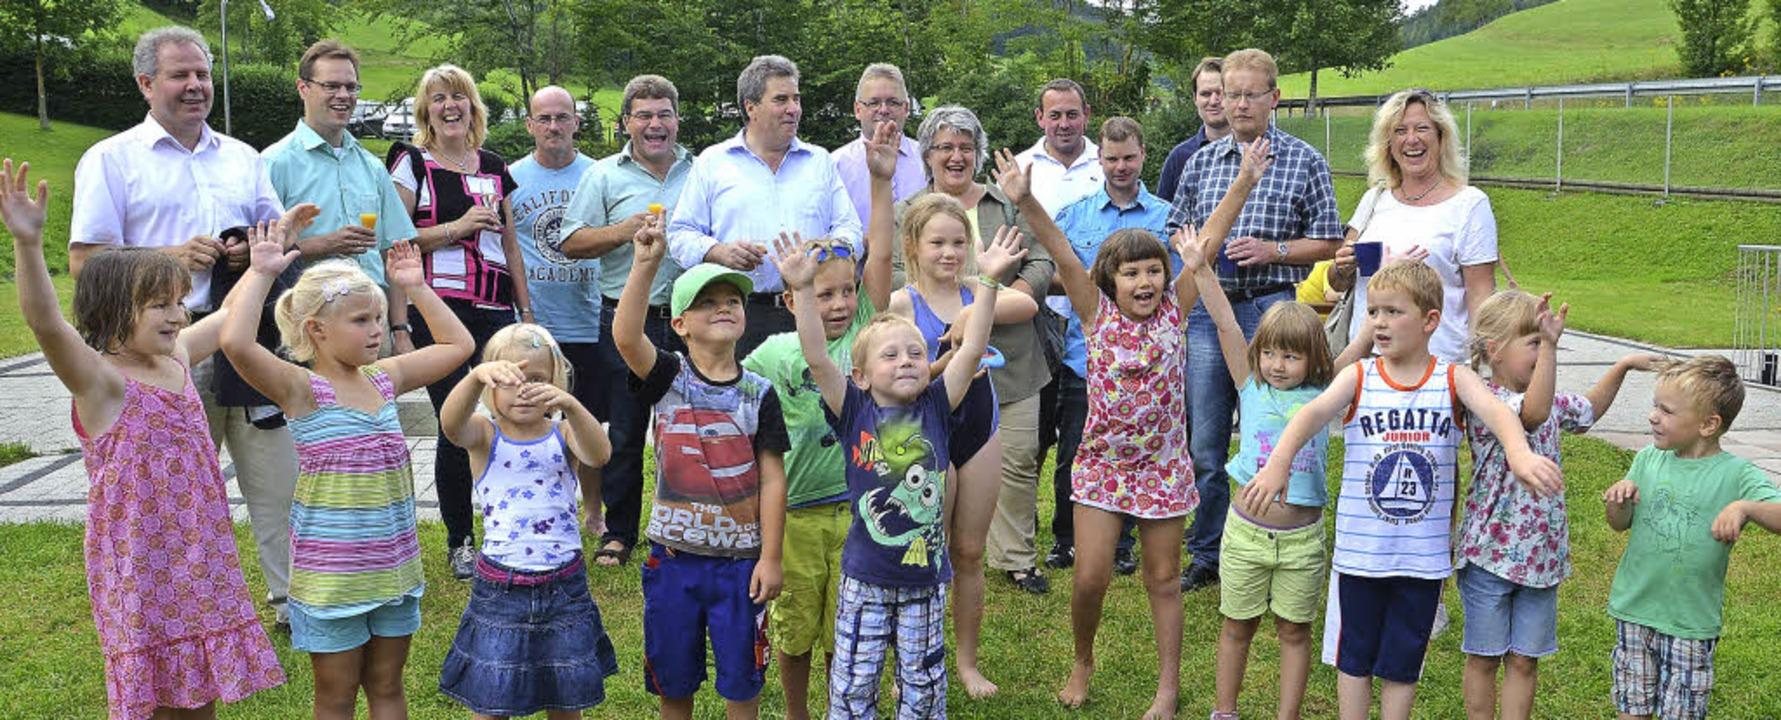 Die Kinder der Spielgruppe begrüßten d...t einem schwungvollen Lied im Freibad.  | Foto: Juliane Kühnemund